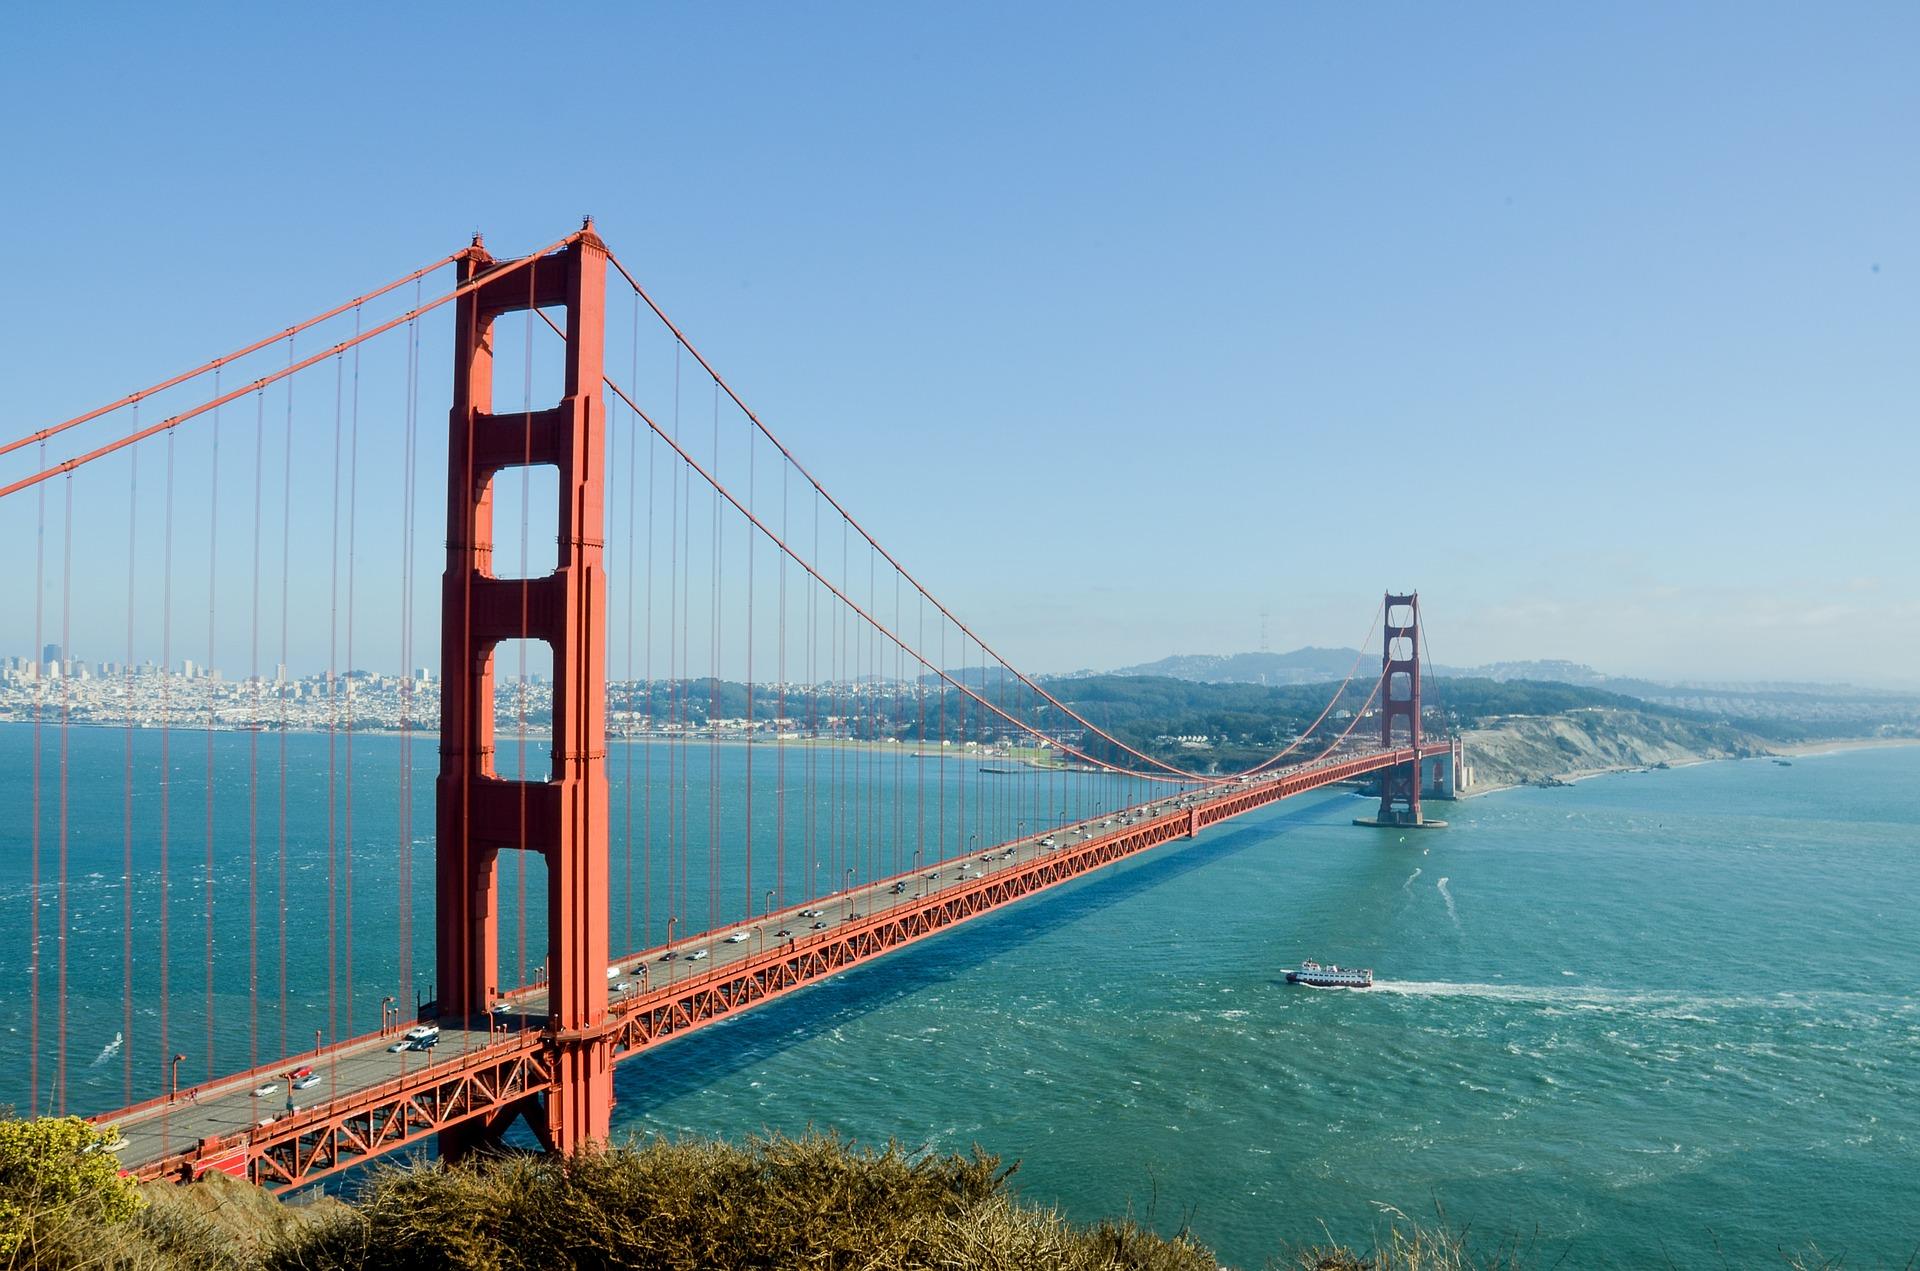 San Francisco - Golden Gate Bridge Mietwagen buchen in USA 10% Rabatt sichern beim Mietfahrzeug in Nordamerika